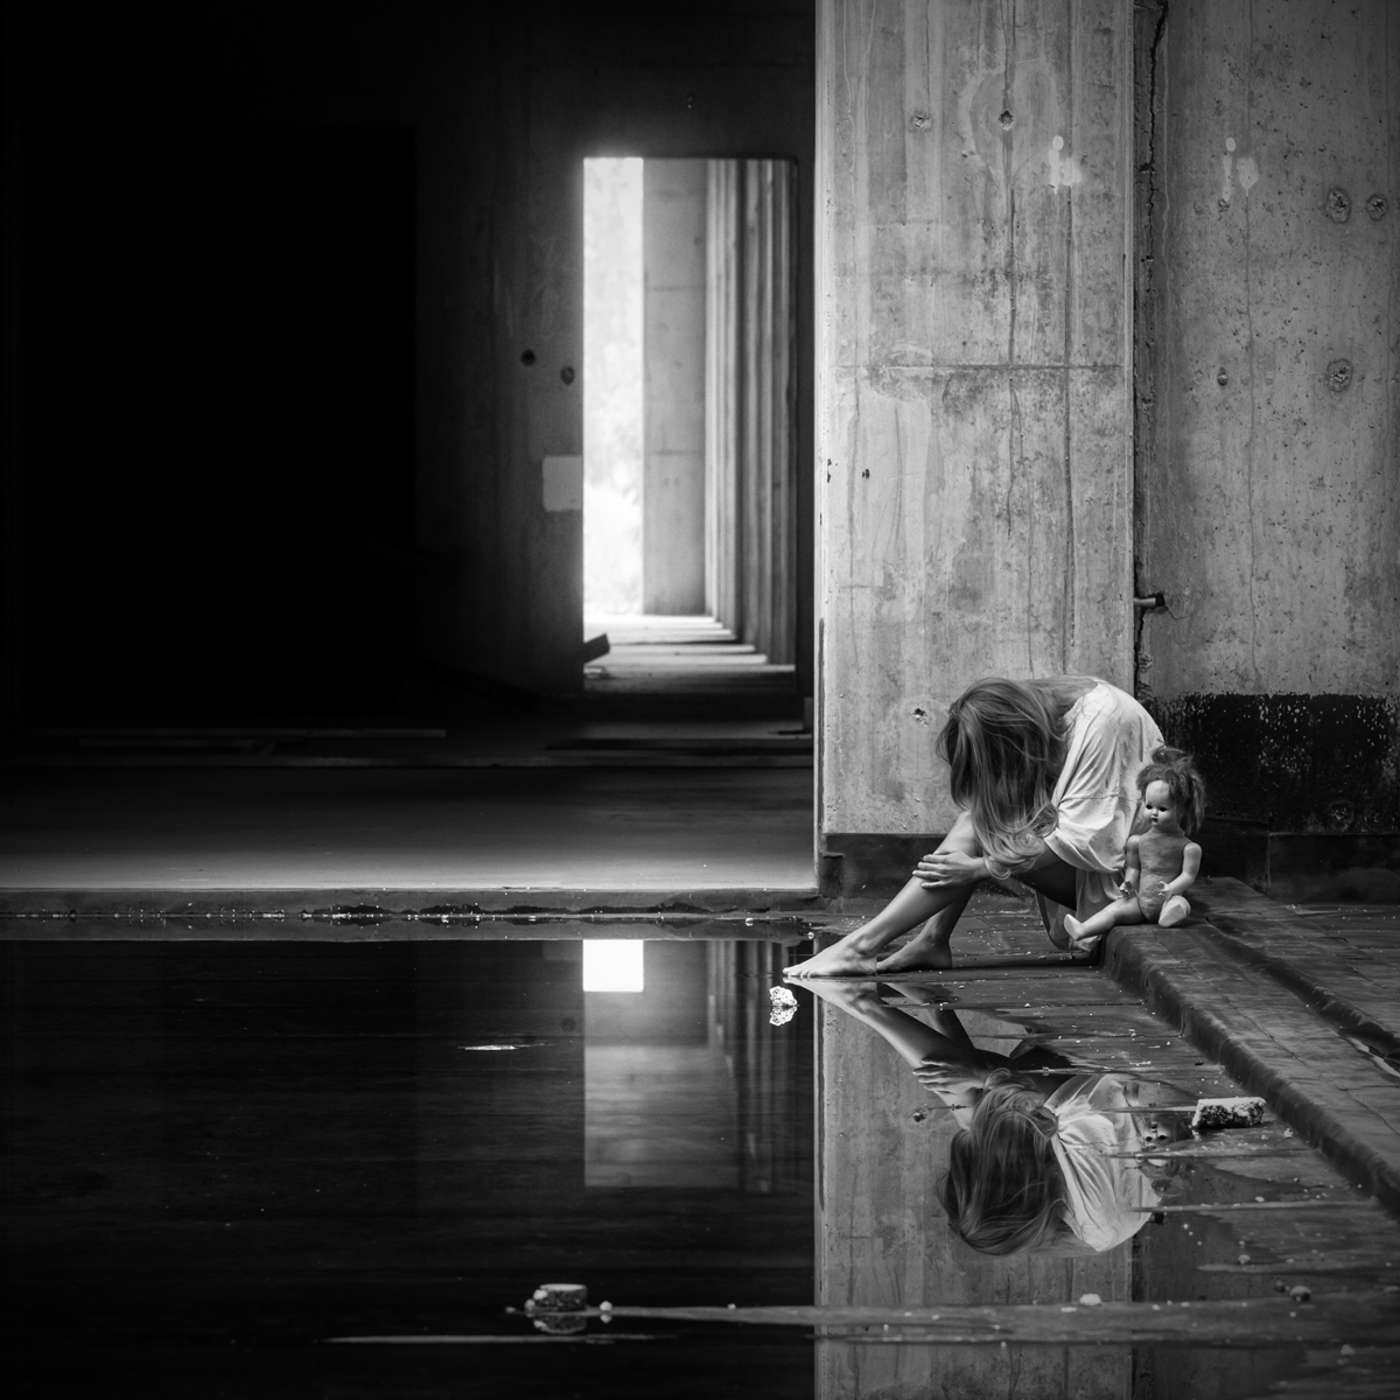 Плохой сон IV, фотограф Петер Целей